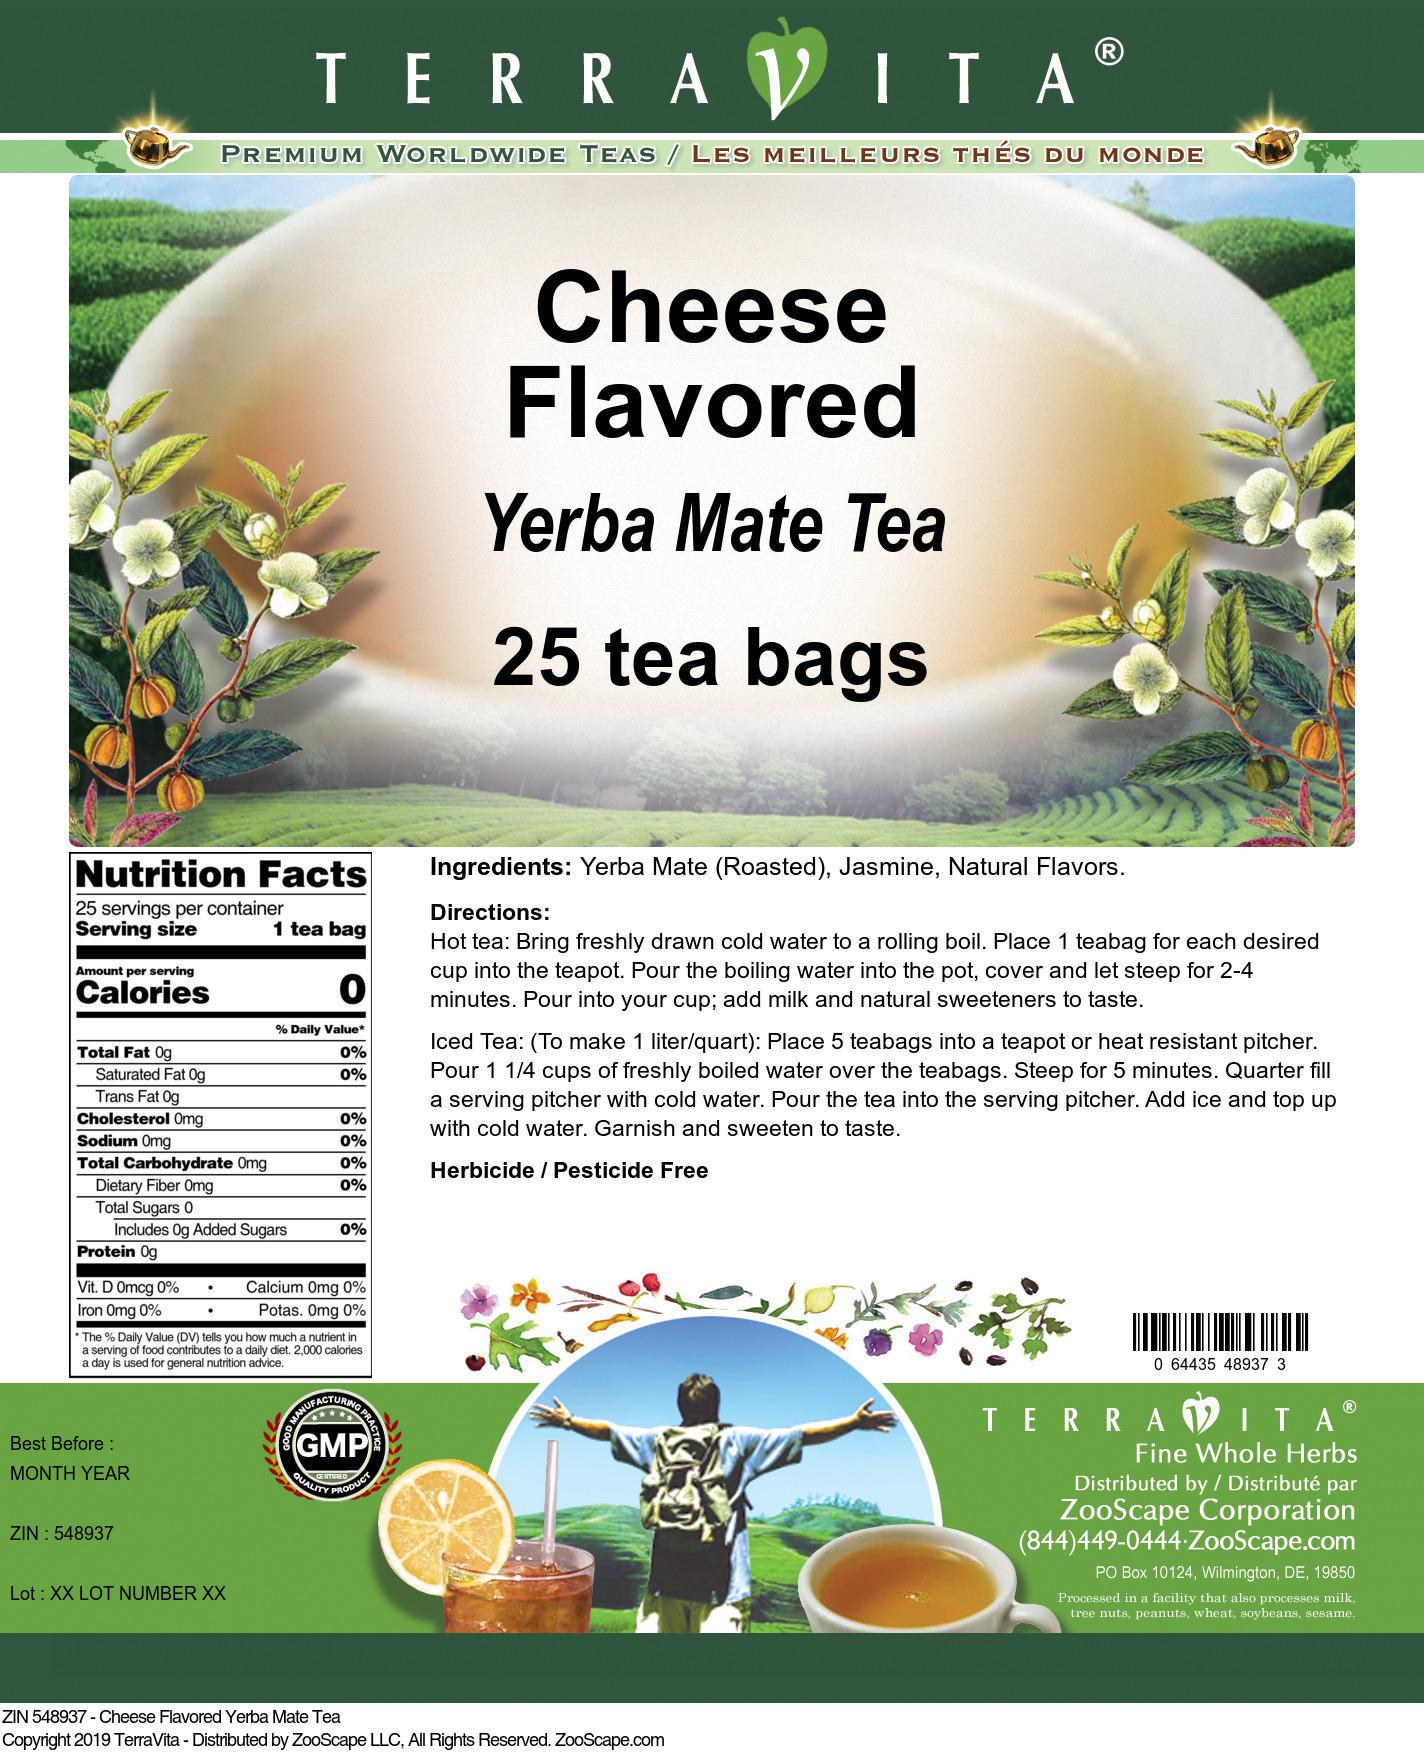 Cheese Flavored Yerba Mate